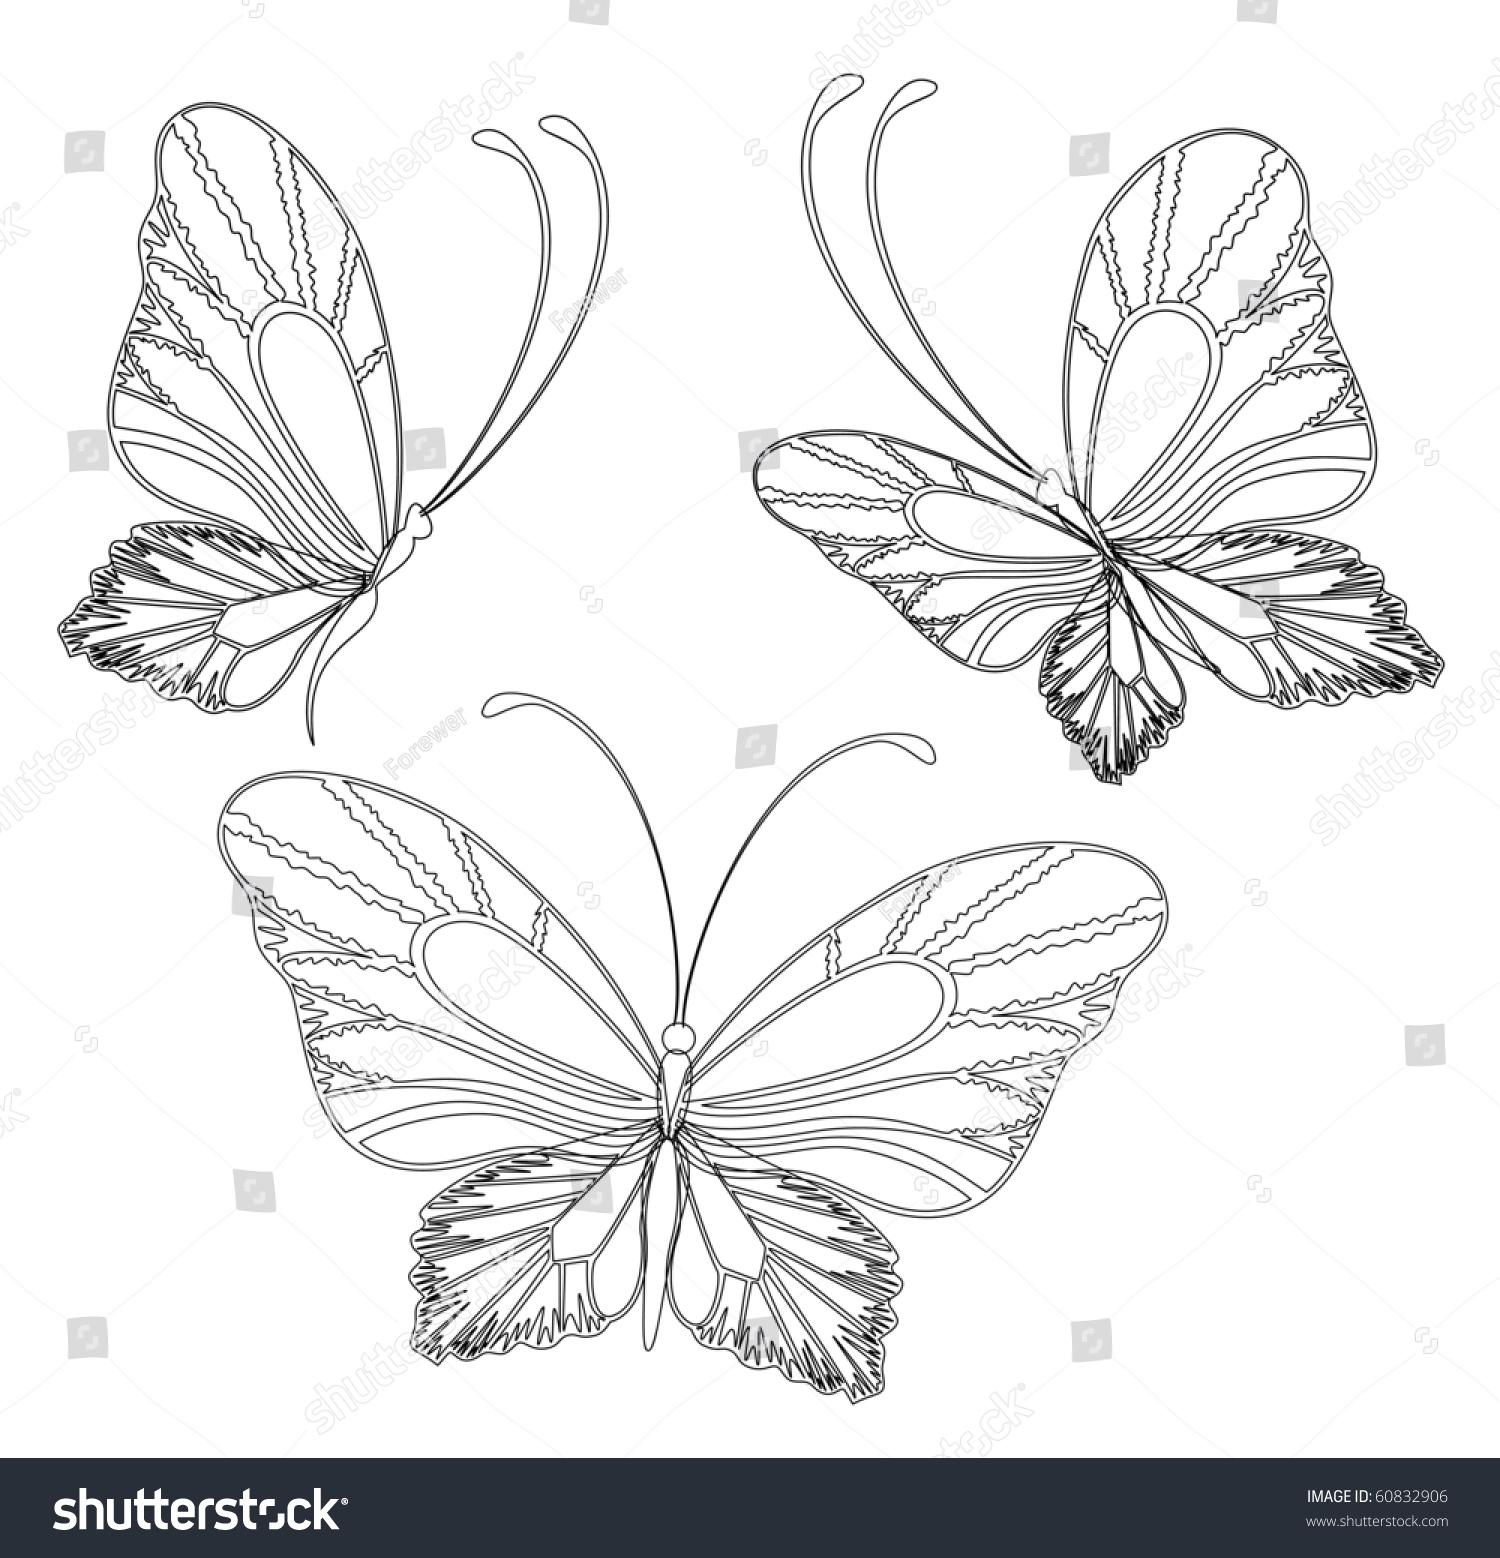 矢量设计美丽的蝴蝶-动物/野生生物